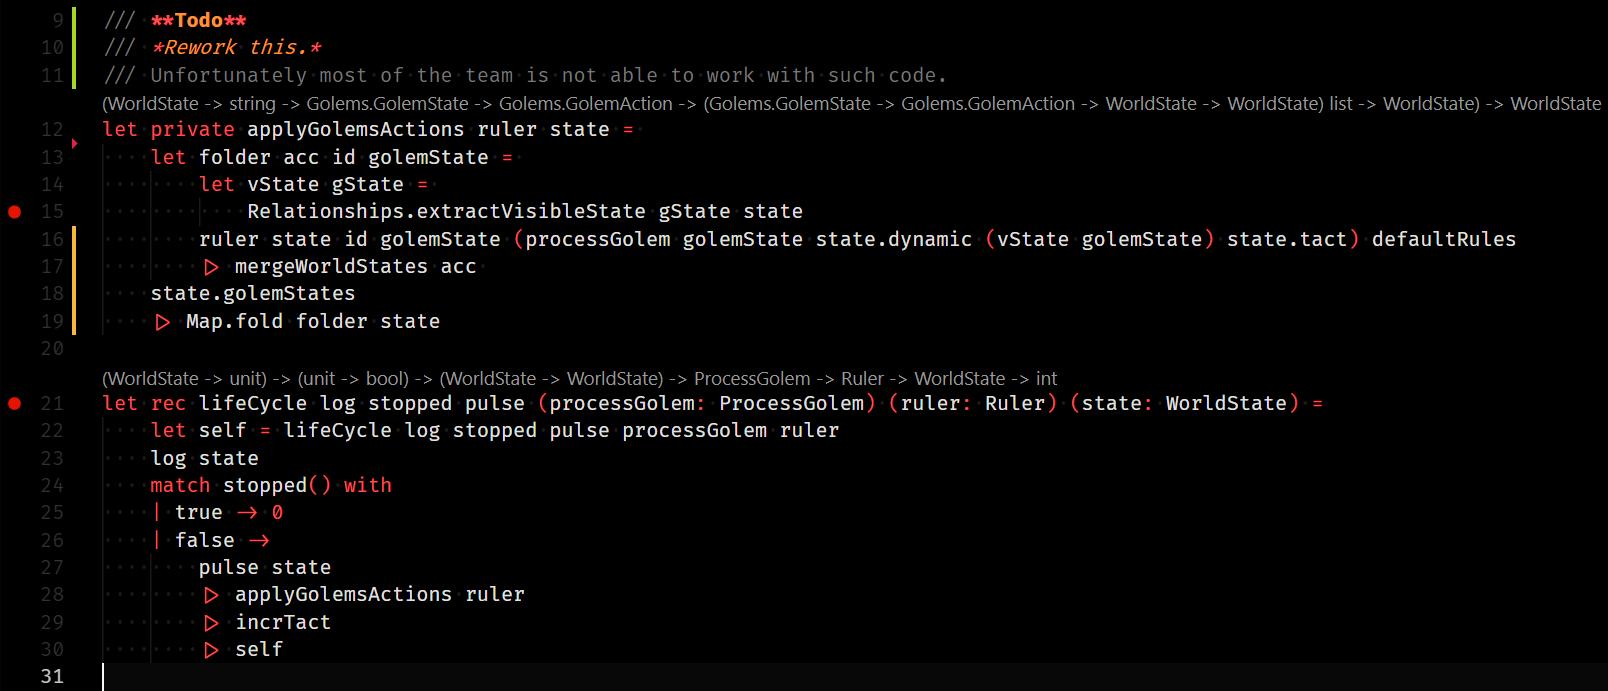 Безликий код убьет программирование, и ничего мы с этим не сделаем - 1